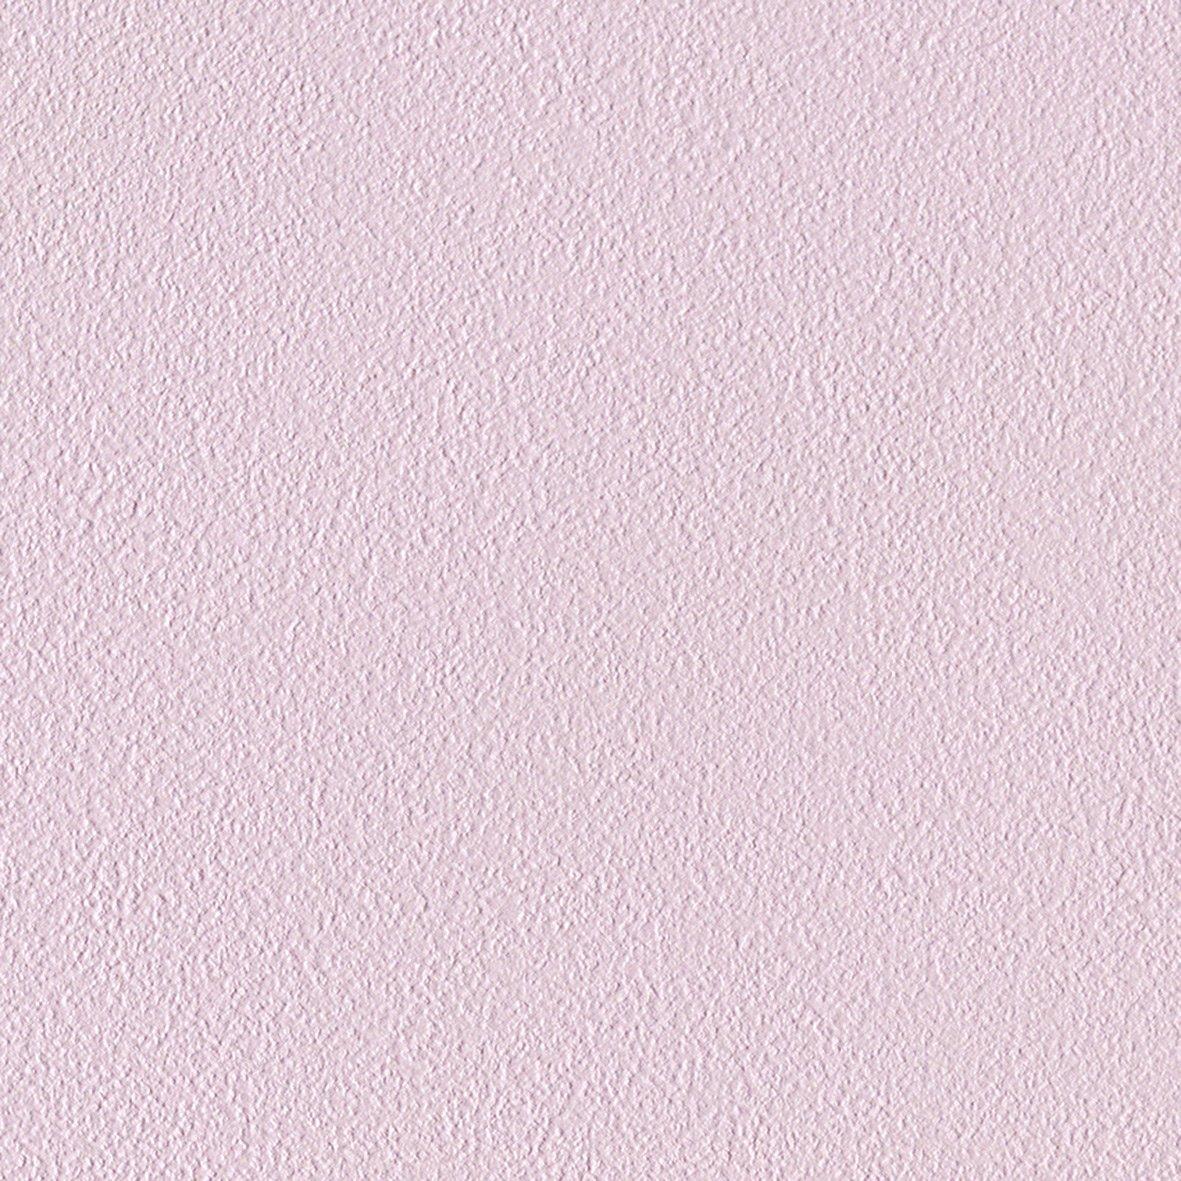 リリカラ 壁紙44m フェミニン 石目調 パープル カラーバリエーション LV-6170 B01IHRSRK2 44m|パープル